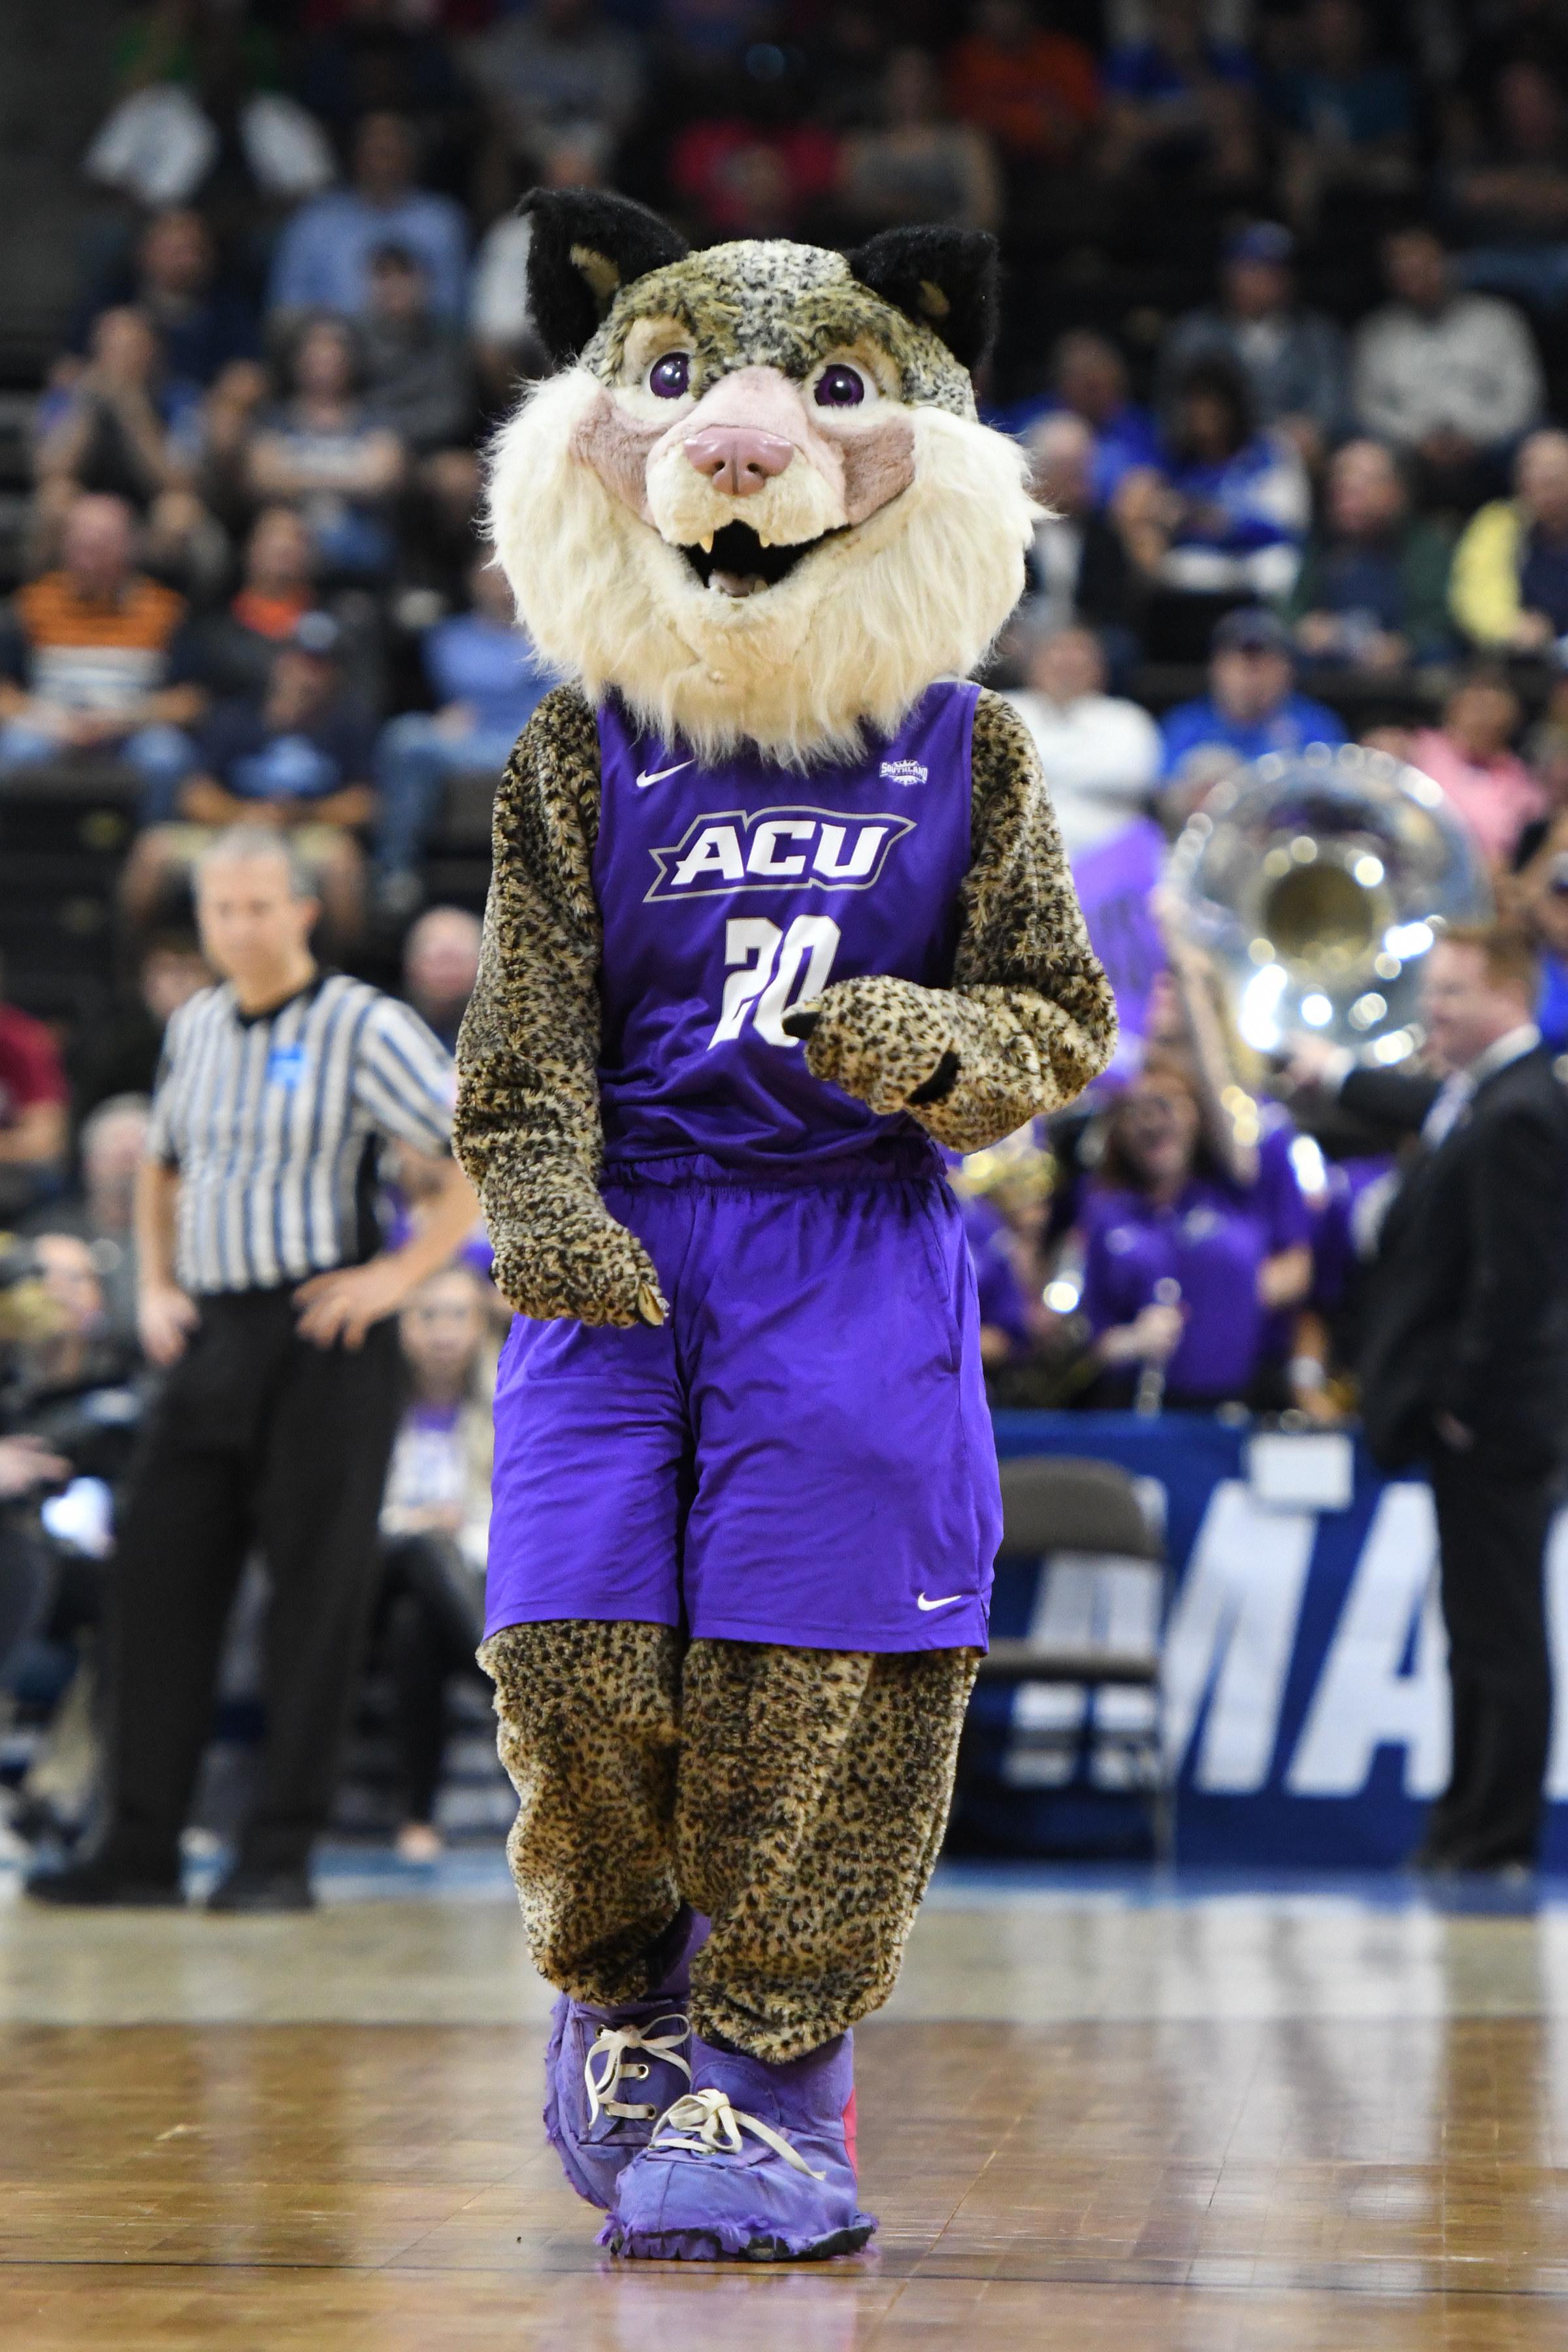 Leopard-spotted wildcat in purple gear.